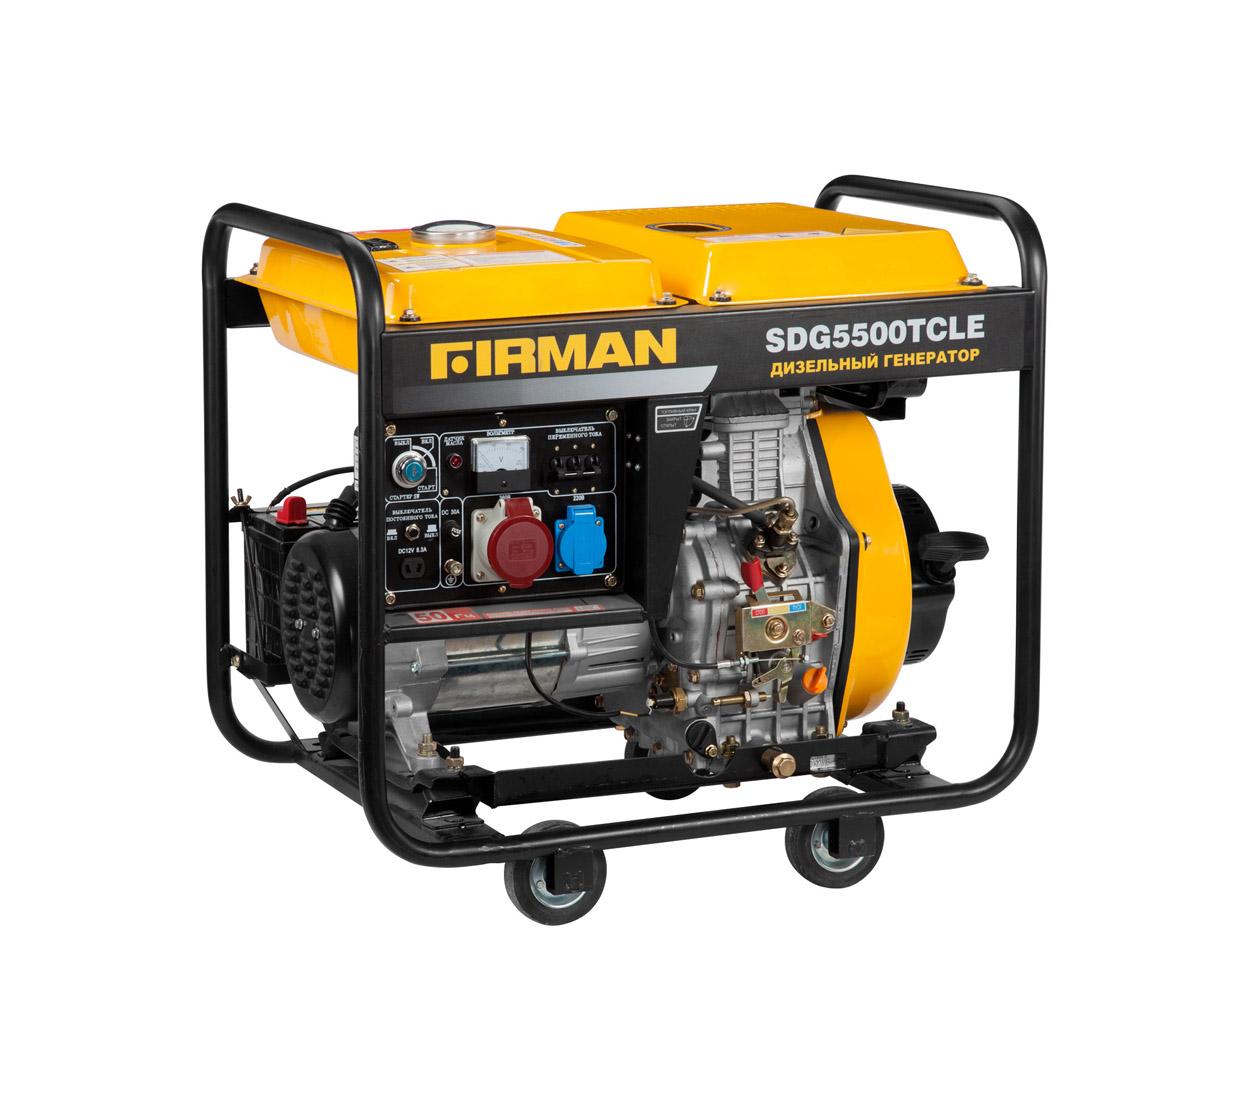 Дизельный генератор (электростанция) Firman SDG5500TCLE